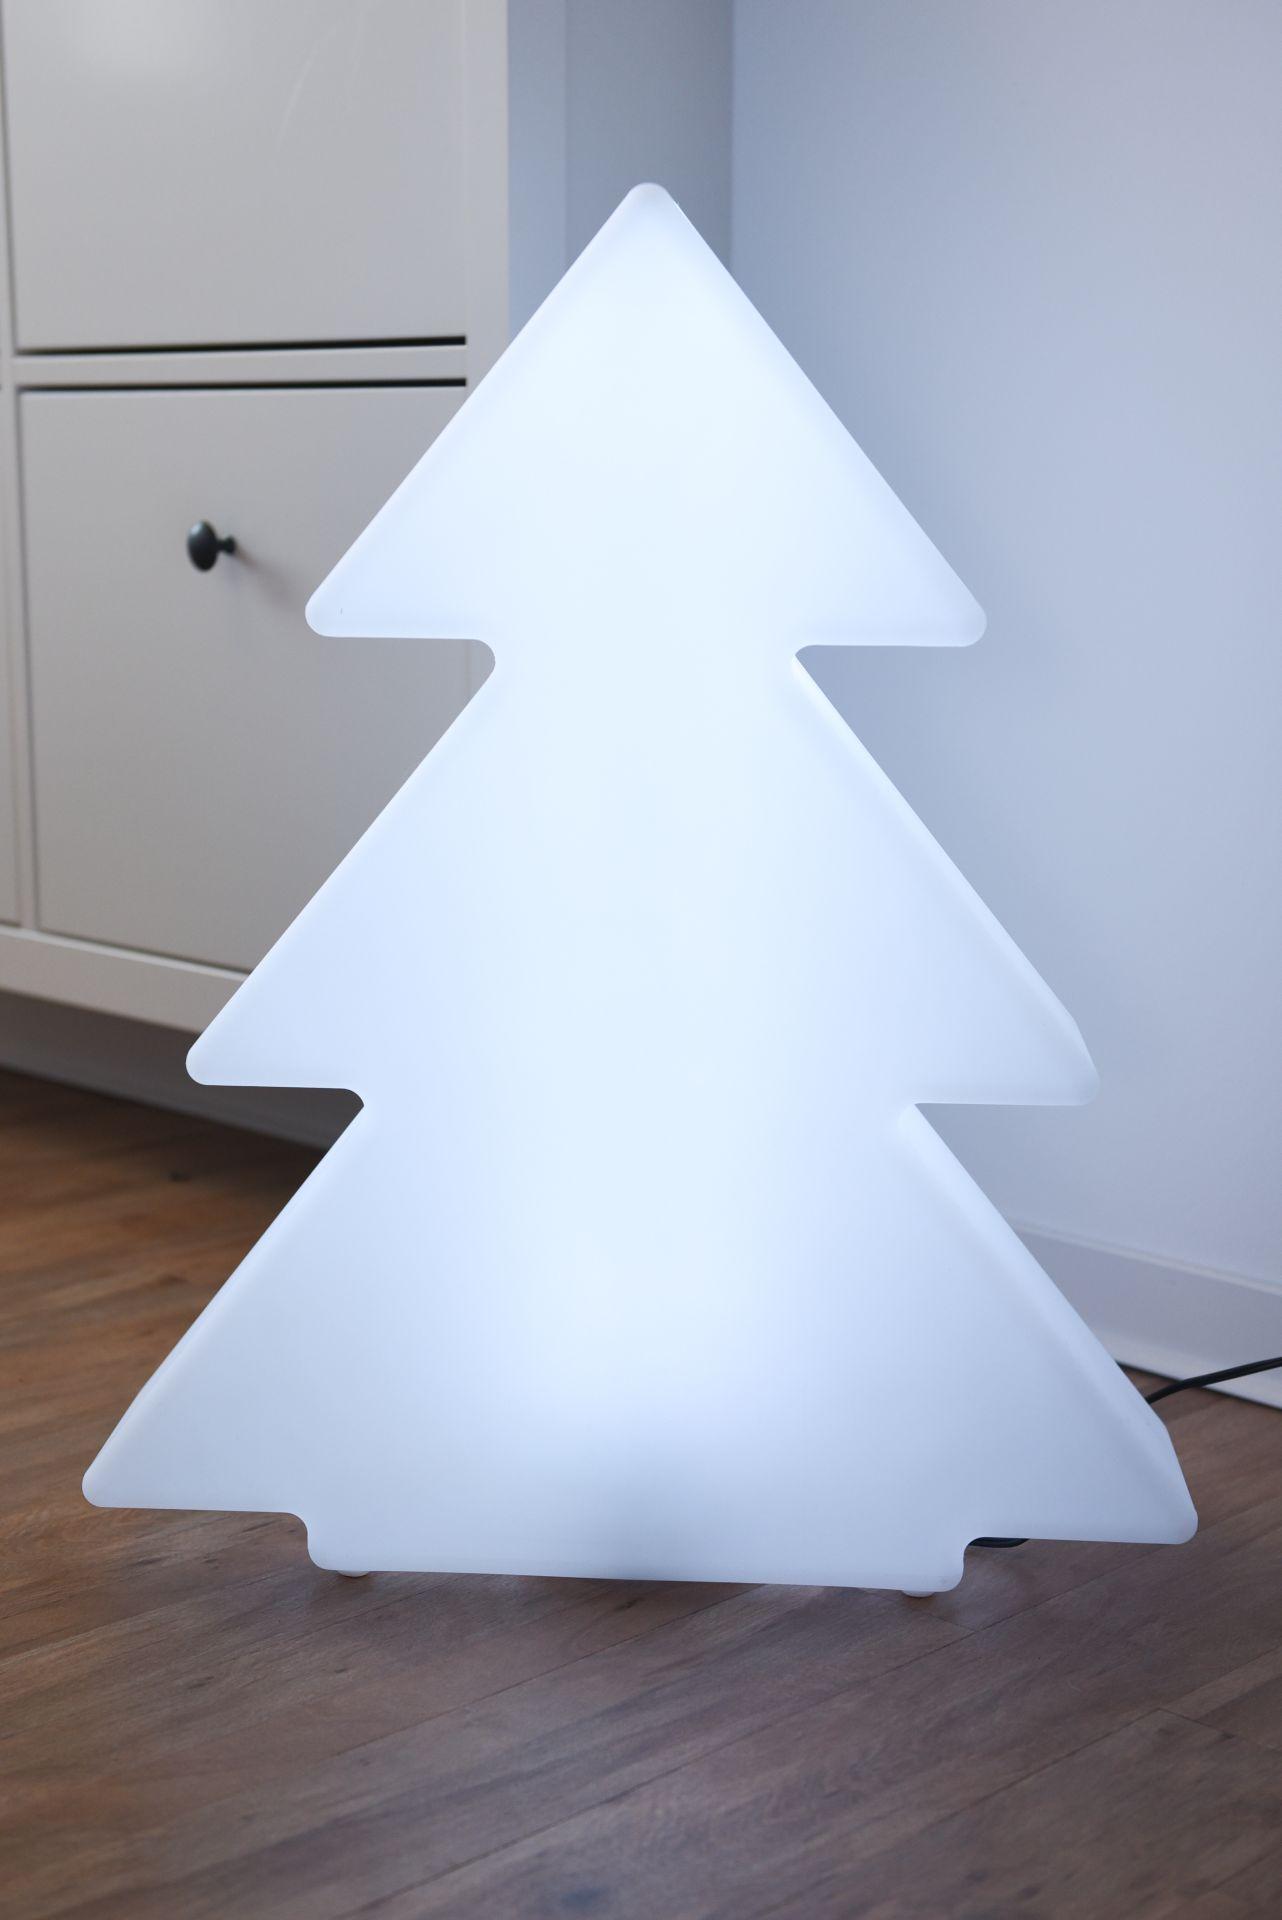 led weihnachtsbaum tannenbaum weihnachten tanna. Black Bedroom Furniture Sets. Home Design Ideas